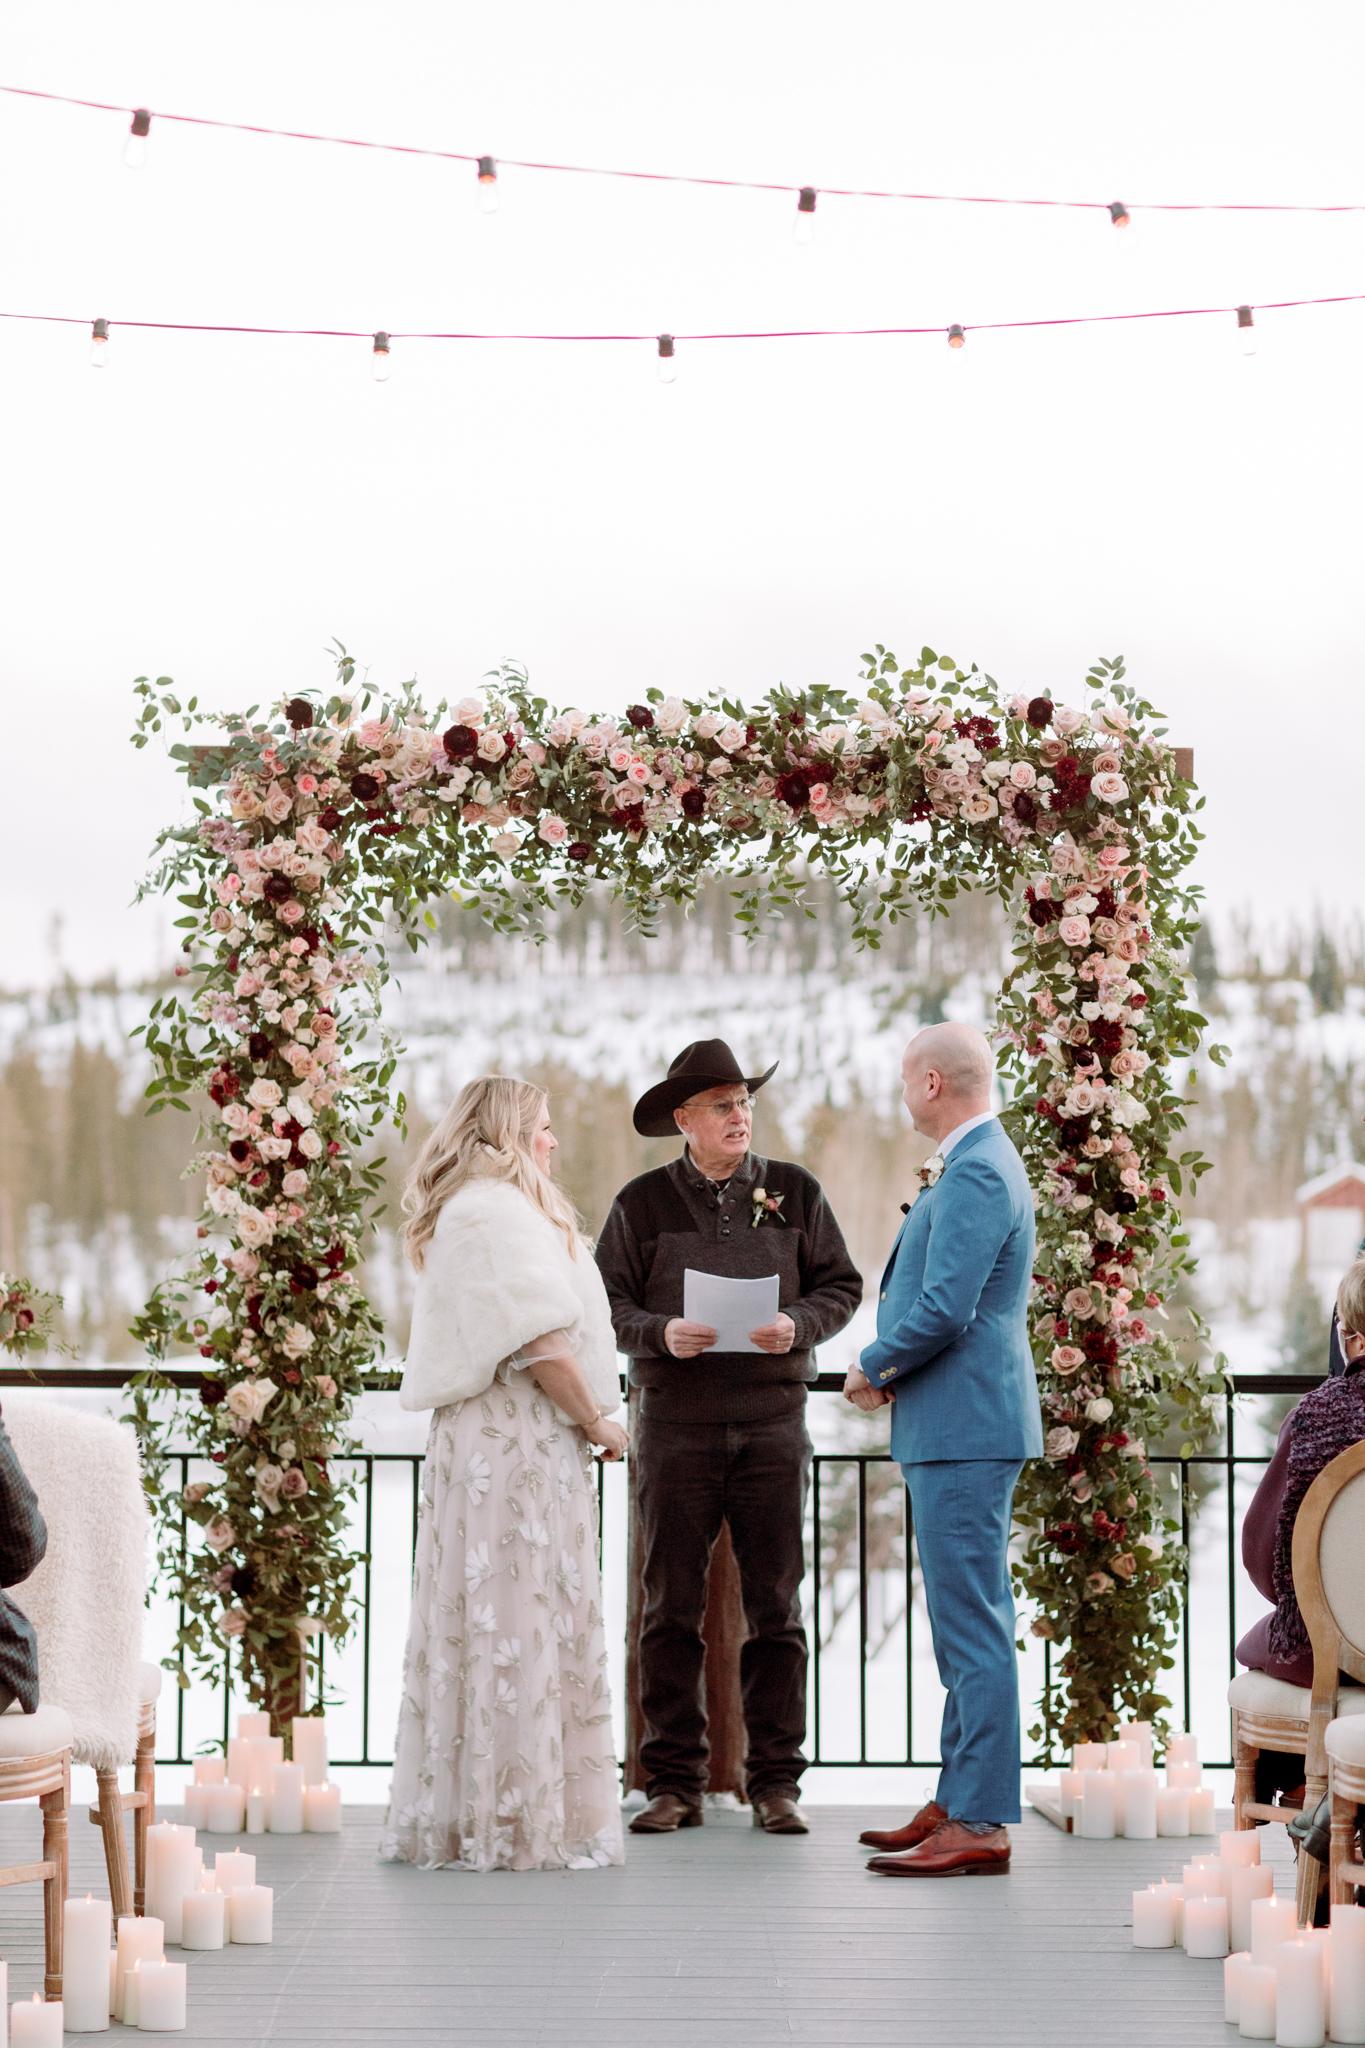 Devils-Thumb-Ranch-Tabernash-Colorado-Winter-Broad-Axe-Barn-Wedding-Deck-Ceremony-Bride-and-Groom